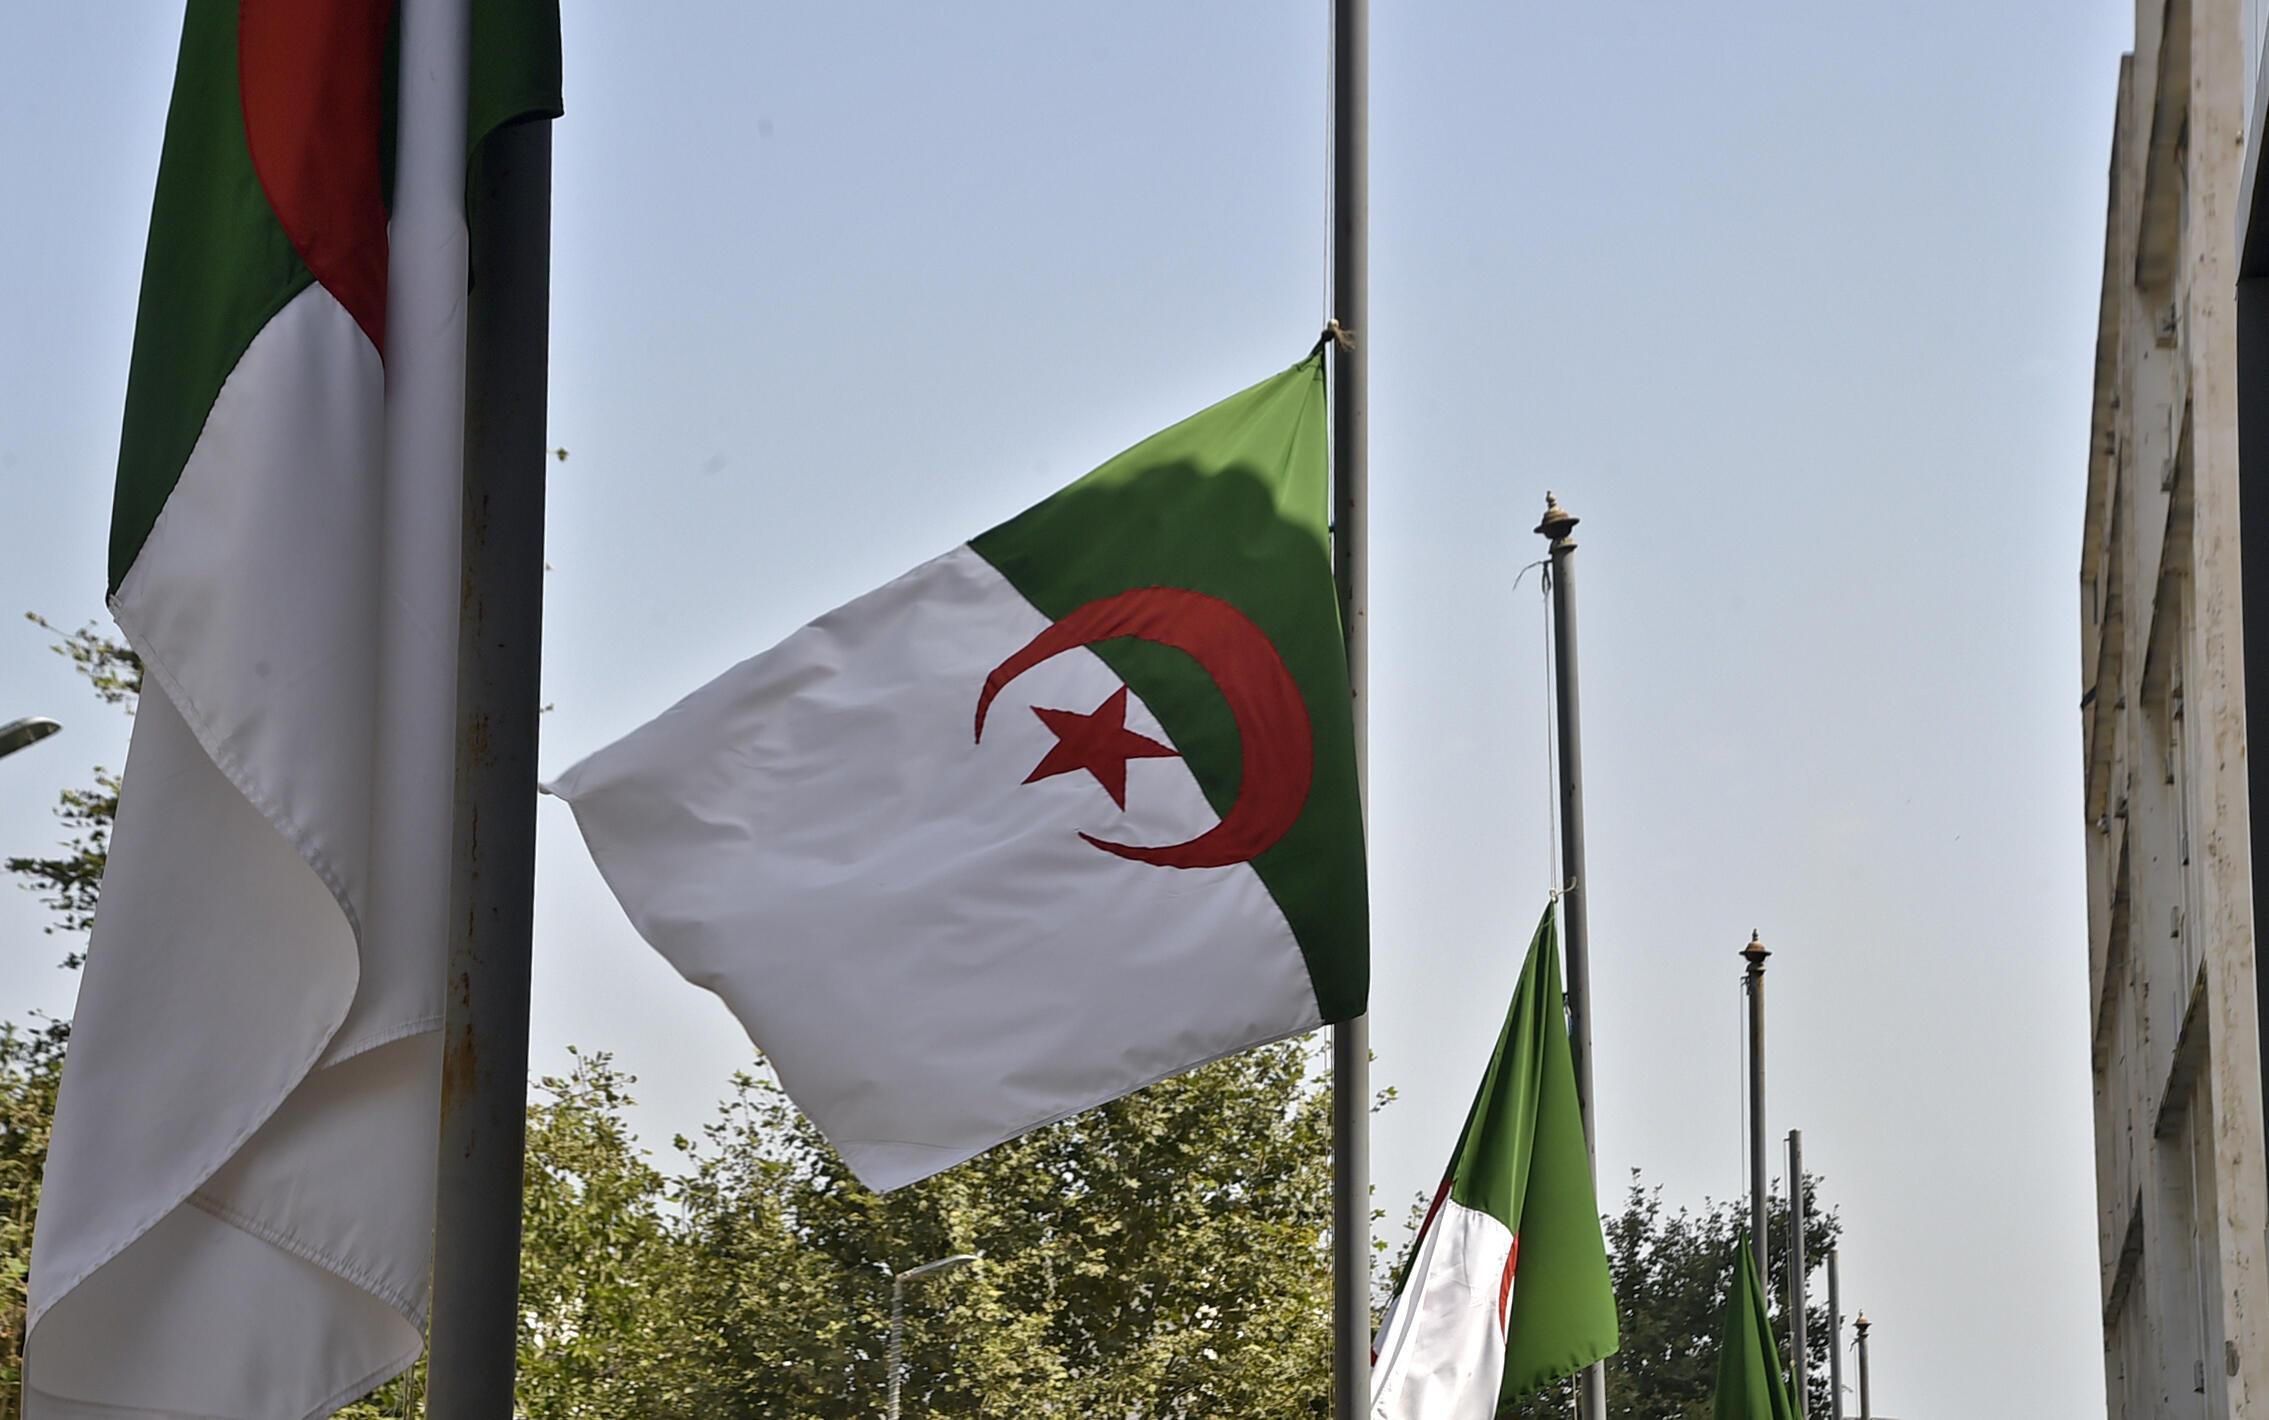 Des drapeaux algériens flottent en berne pour pleurer les victimes de l'incendie de la Kabbale du 12 août 2021 dans la capitale algérienne, Alger.